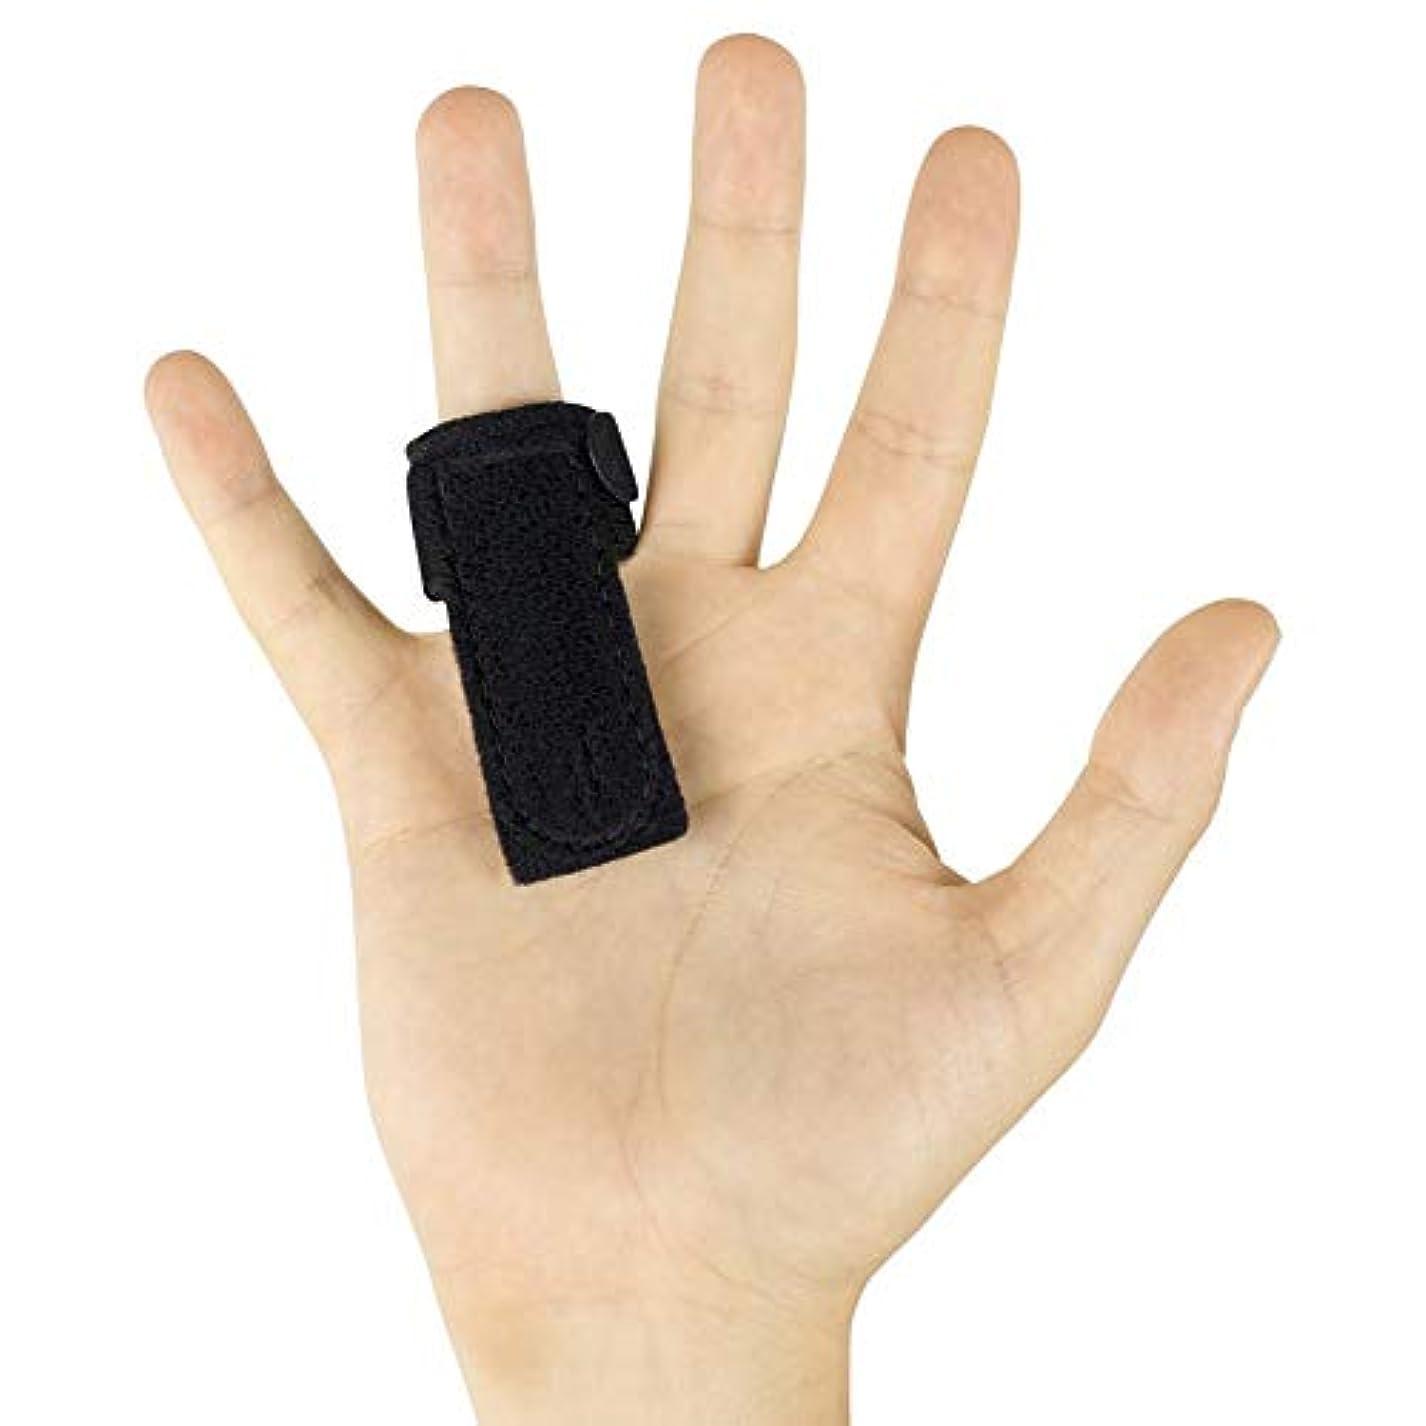 変換する胃冒険指の袖をサポートするためのばね指スプリント、内蔵アルミサポートトリガー、矯正関節炎マレットフィンガーナックルブレース指関節炎、指の骨折、腱リリース&痛みを軽減-Gift